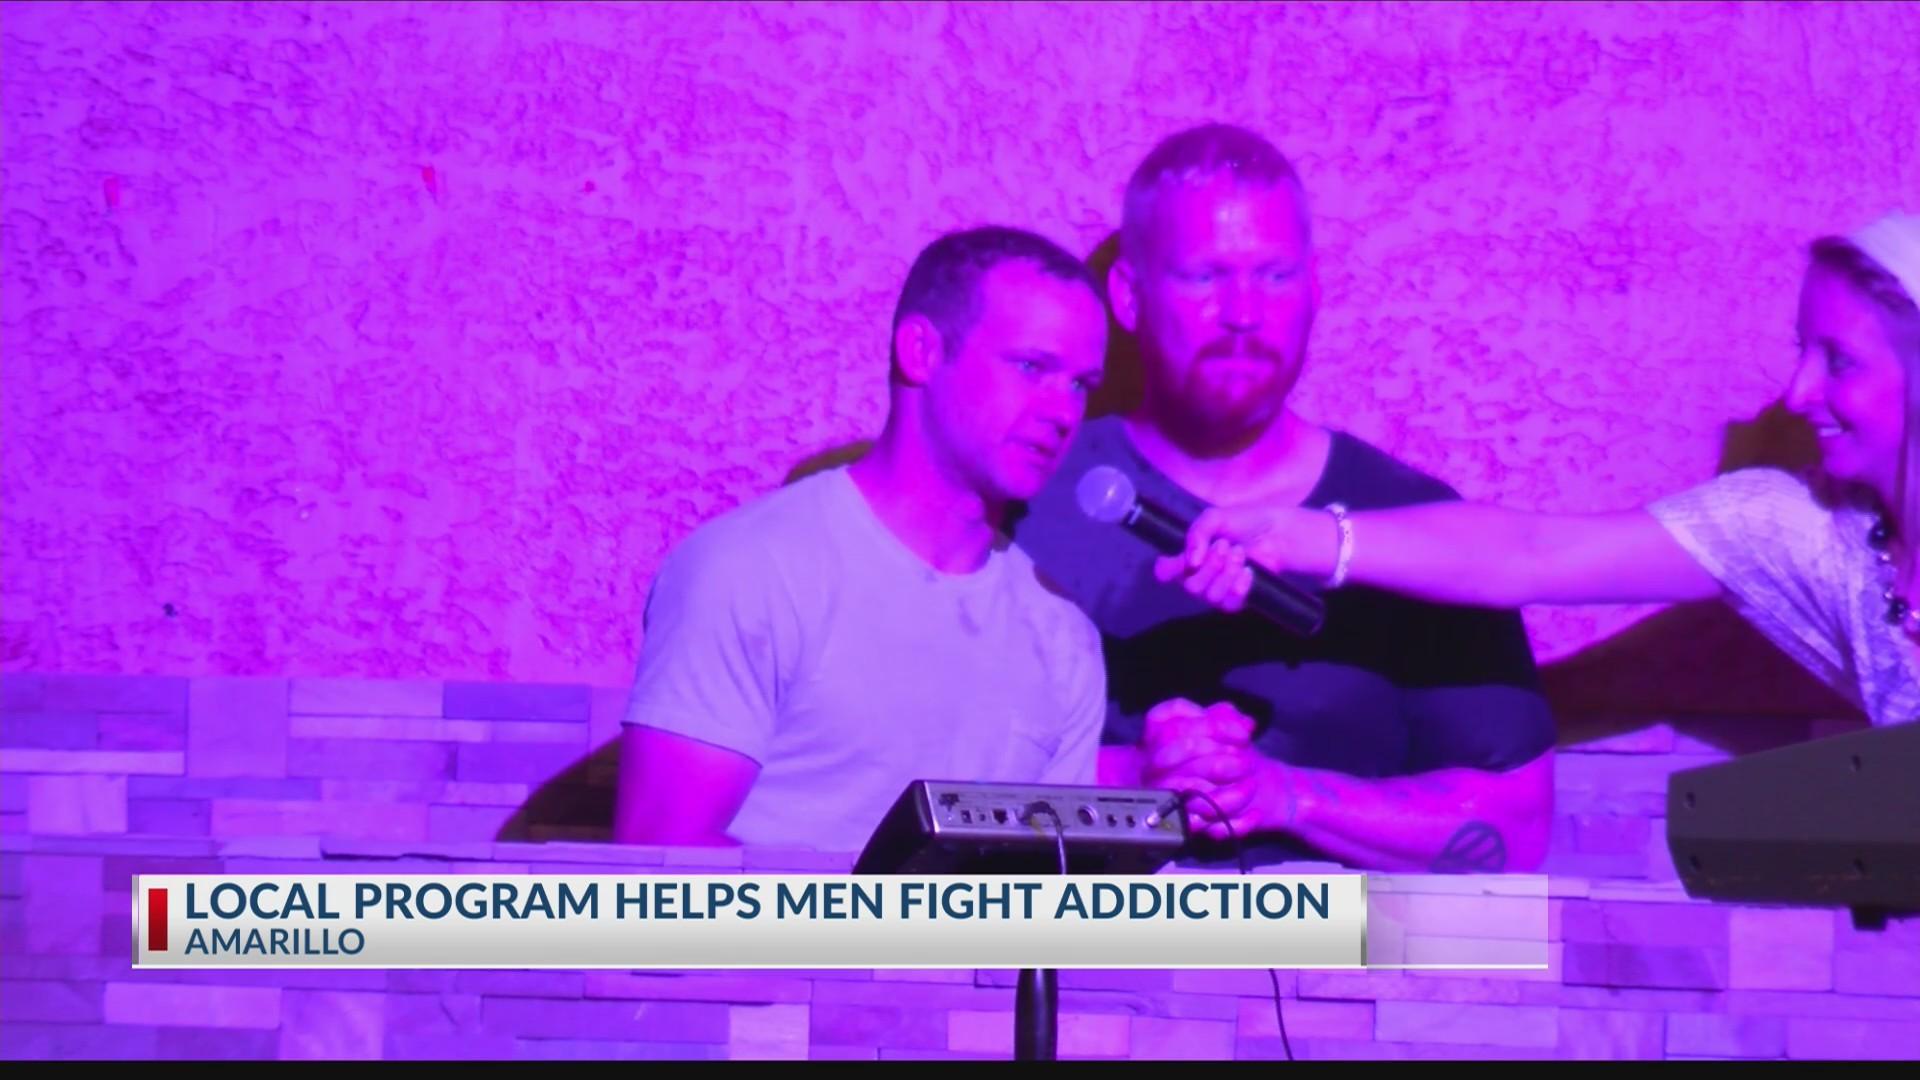 Life Challenge of Amarillo Helps Men Break Addictions